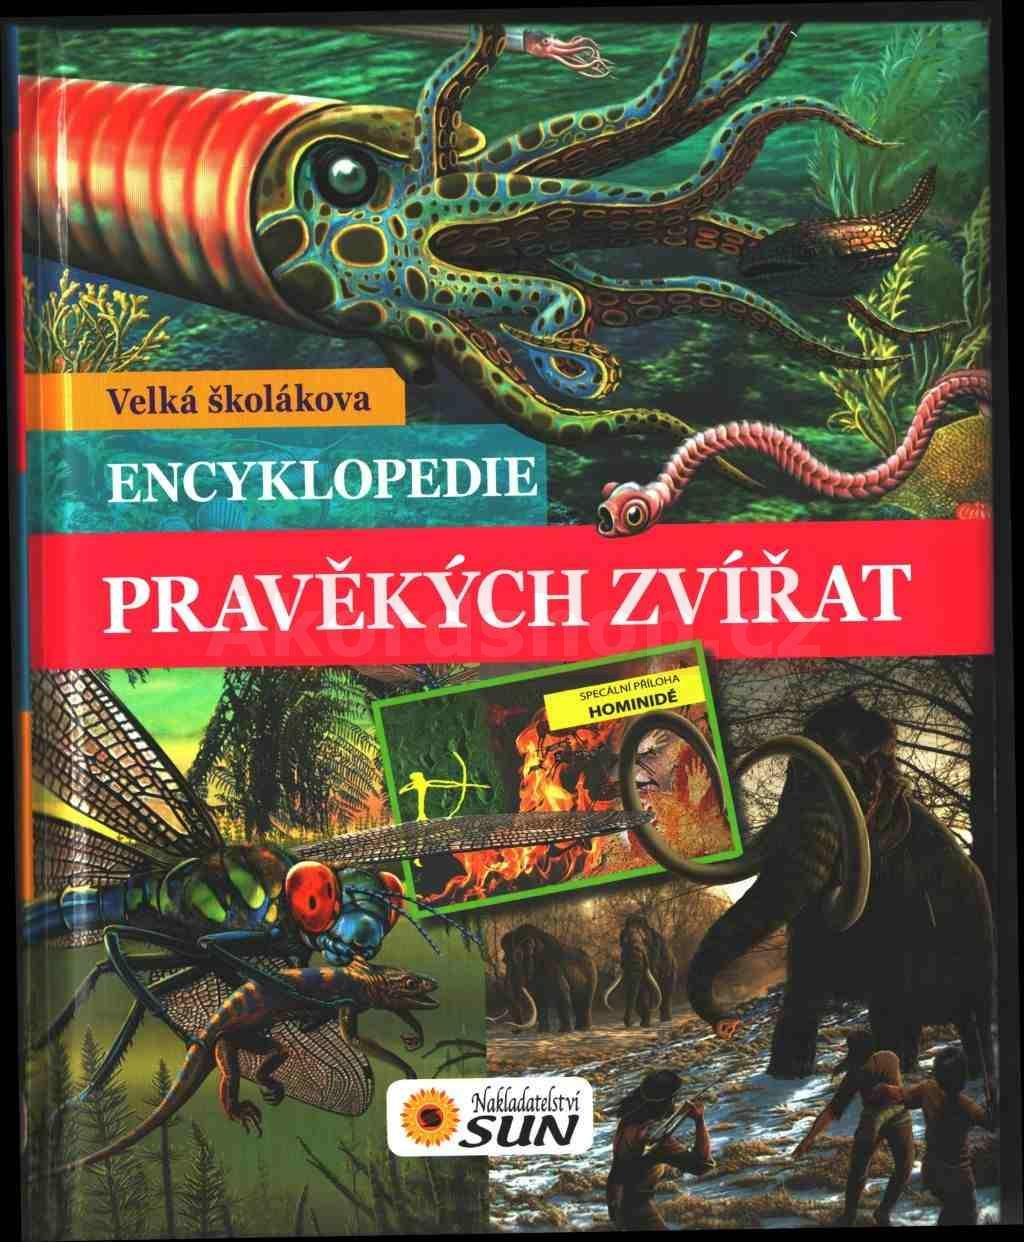 Encyklopedie pravěkých zvířat